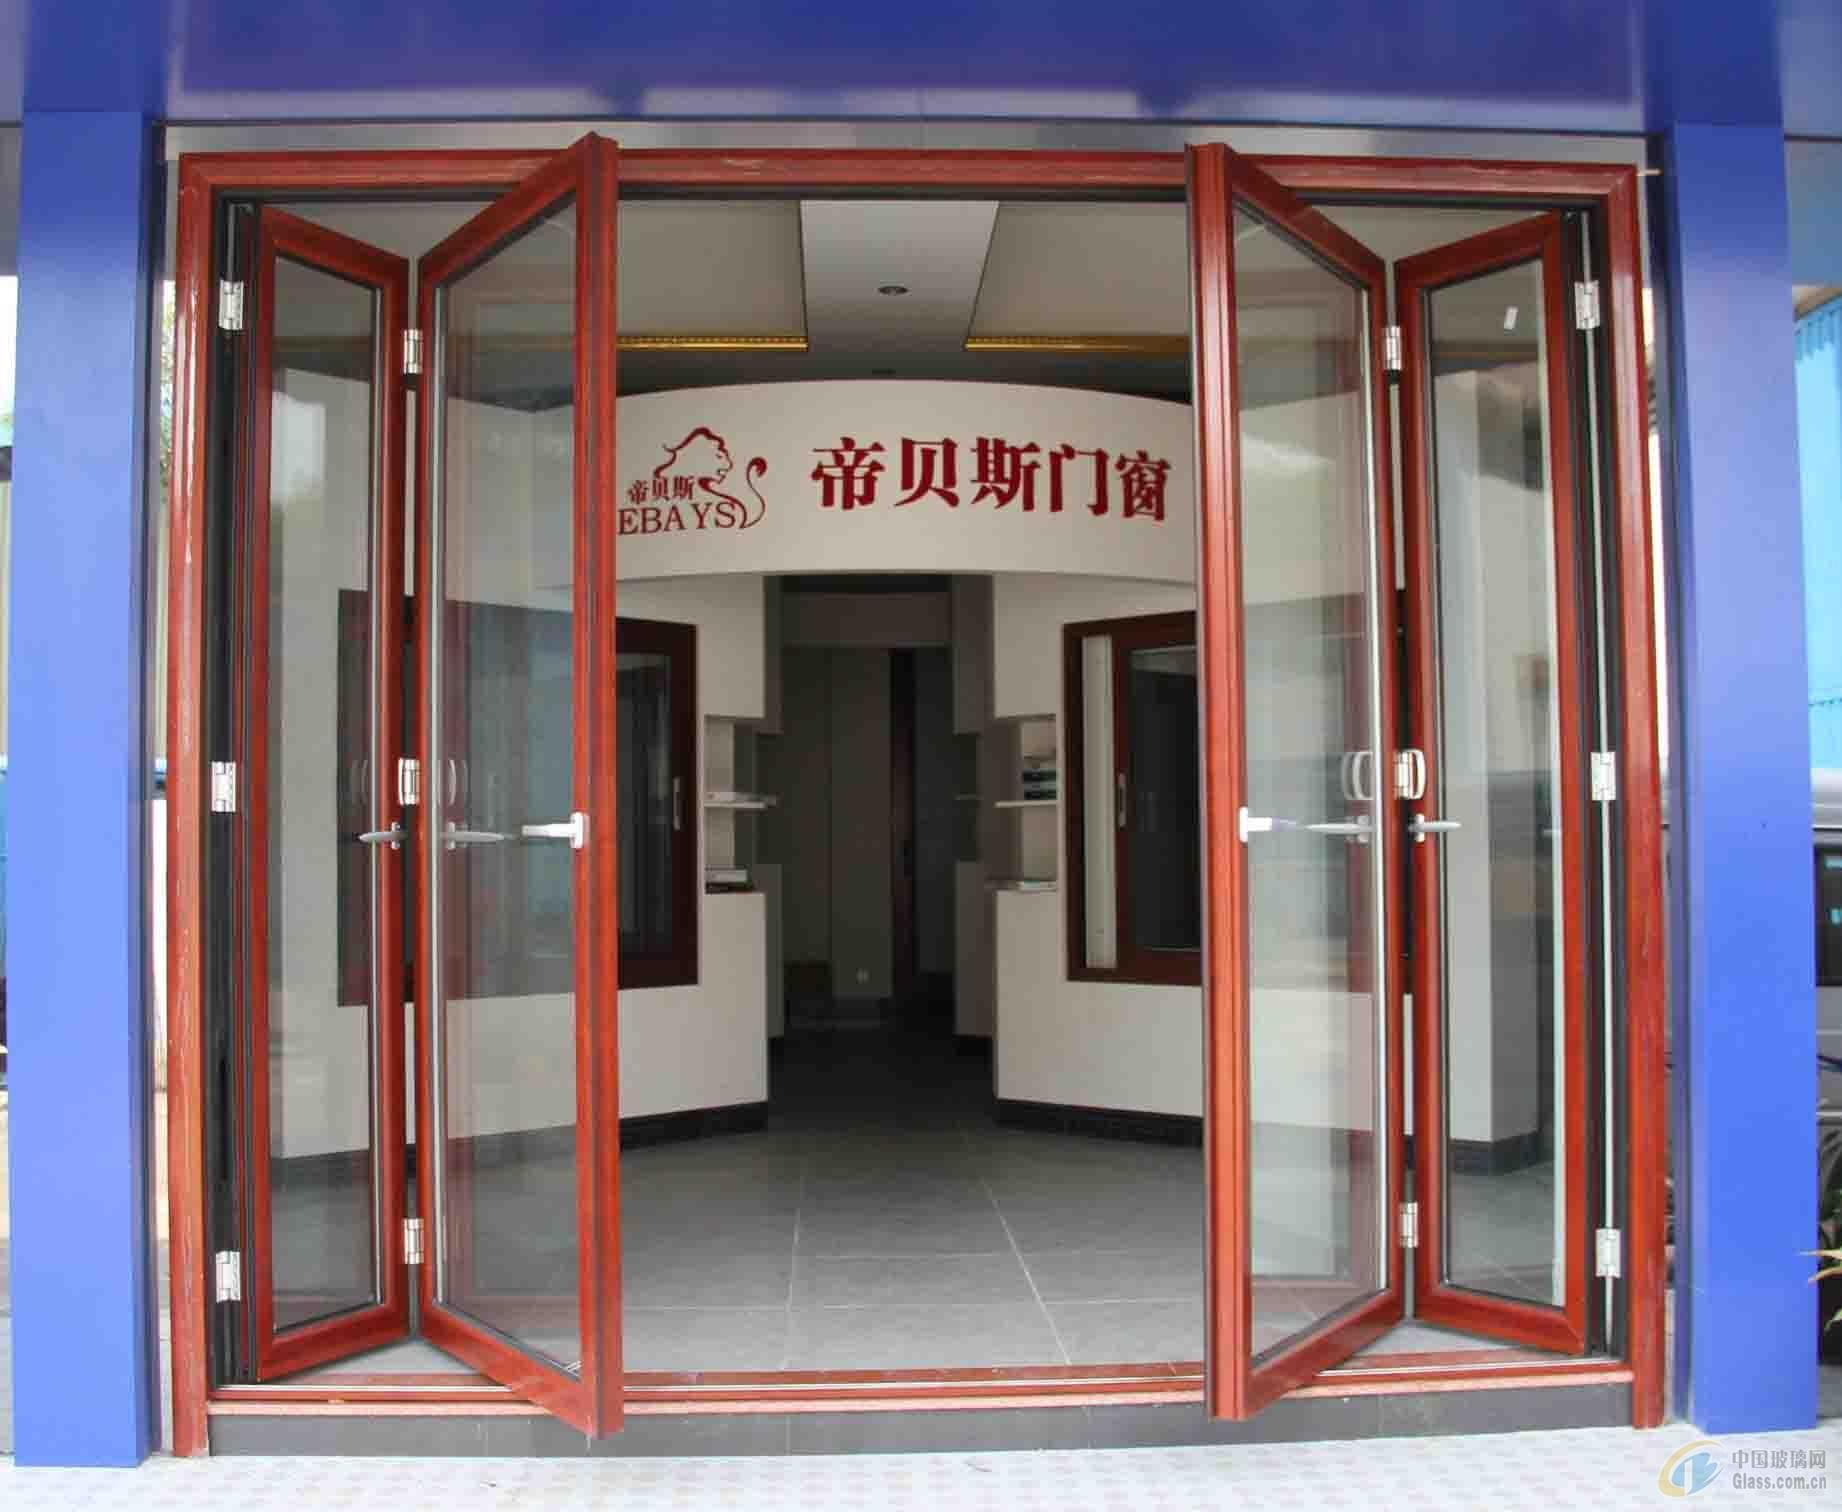 玻璃折叠门价格,铝合金折叠门多少钱一平方 每个家庭装修房子的目的是为了创造一个温馨调和的寓居环境,所以选择玻璃折叠门时首先要考虑是,玻璃折叠门的样式和颜色同居室作风的谐调搭配。装饰作风平稳素净就选择大方简约的样式;活泼明快就选择轻盈俗气想搭配;古典闲适则饰以厚重儒雅,总之,温之馨玻璃折叠门厂家建议选择作风相识类近。 通常铝合金折叠门有两种:分侧挂式折叠门和推拉式折叠门。铝合金折叠门主要运用在高层阳台,这样主要是灵活性比较强,需要时可以打开折叠门呼吸新鲜空气,门也可以完全打开享受阳光。 (铝合金折叠门) 玻